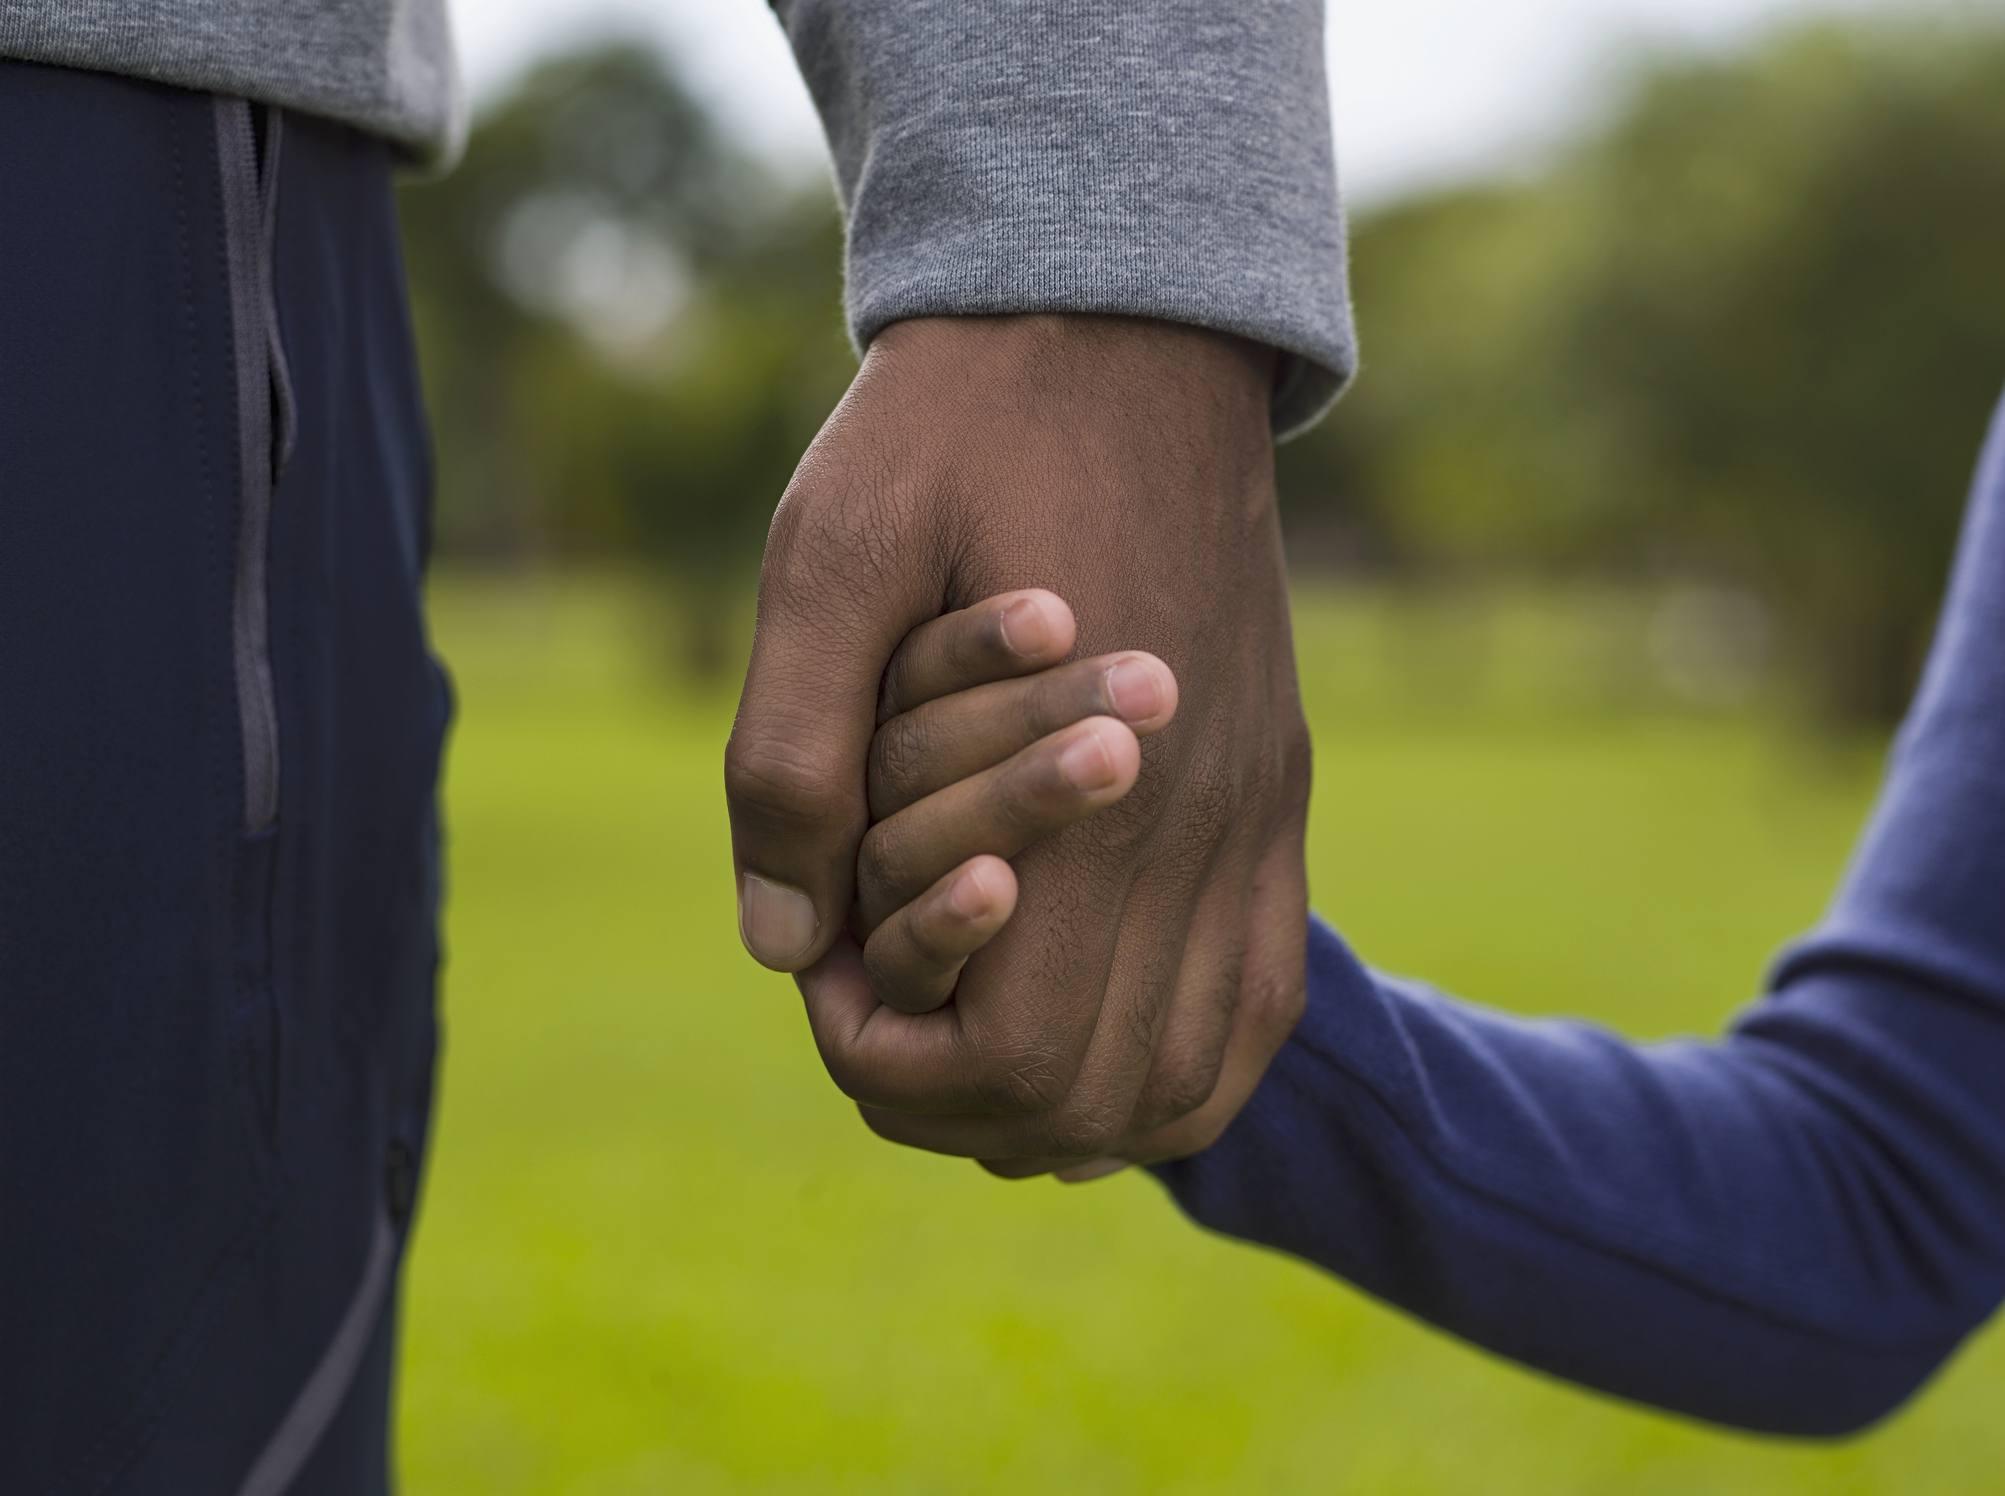 Padre e hija (4-5) tomados de la mano en el parque, sección media